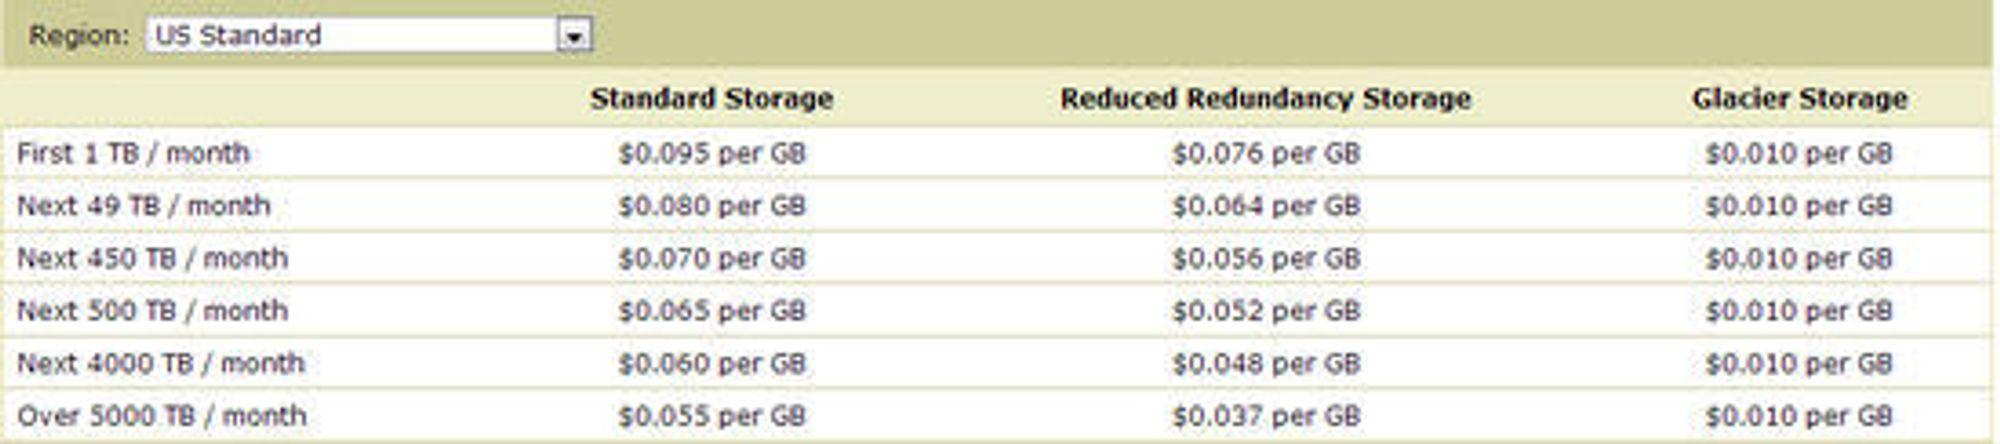 Prisene for Amazon S3 som gjelder fra den 1. desember 2012. Glacier Storage er en tjeneste hvor aksesstiden kan være på flere timer.